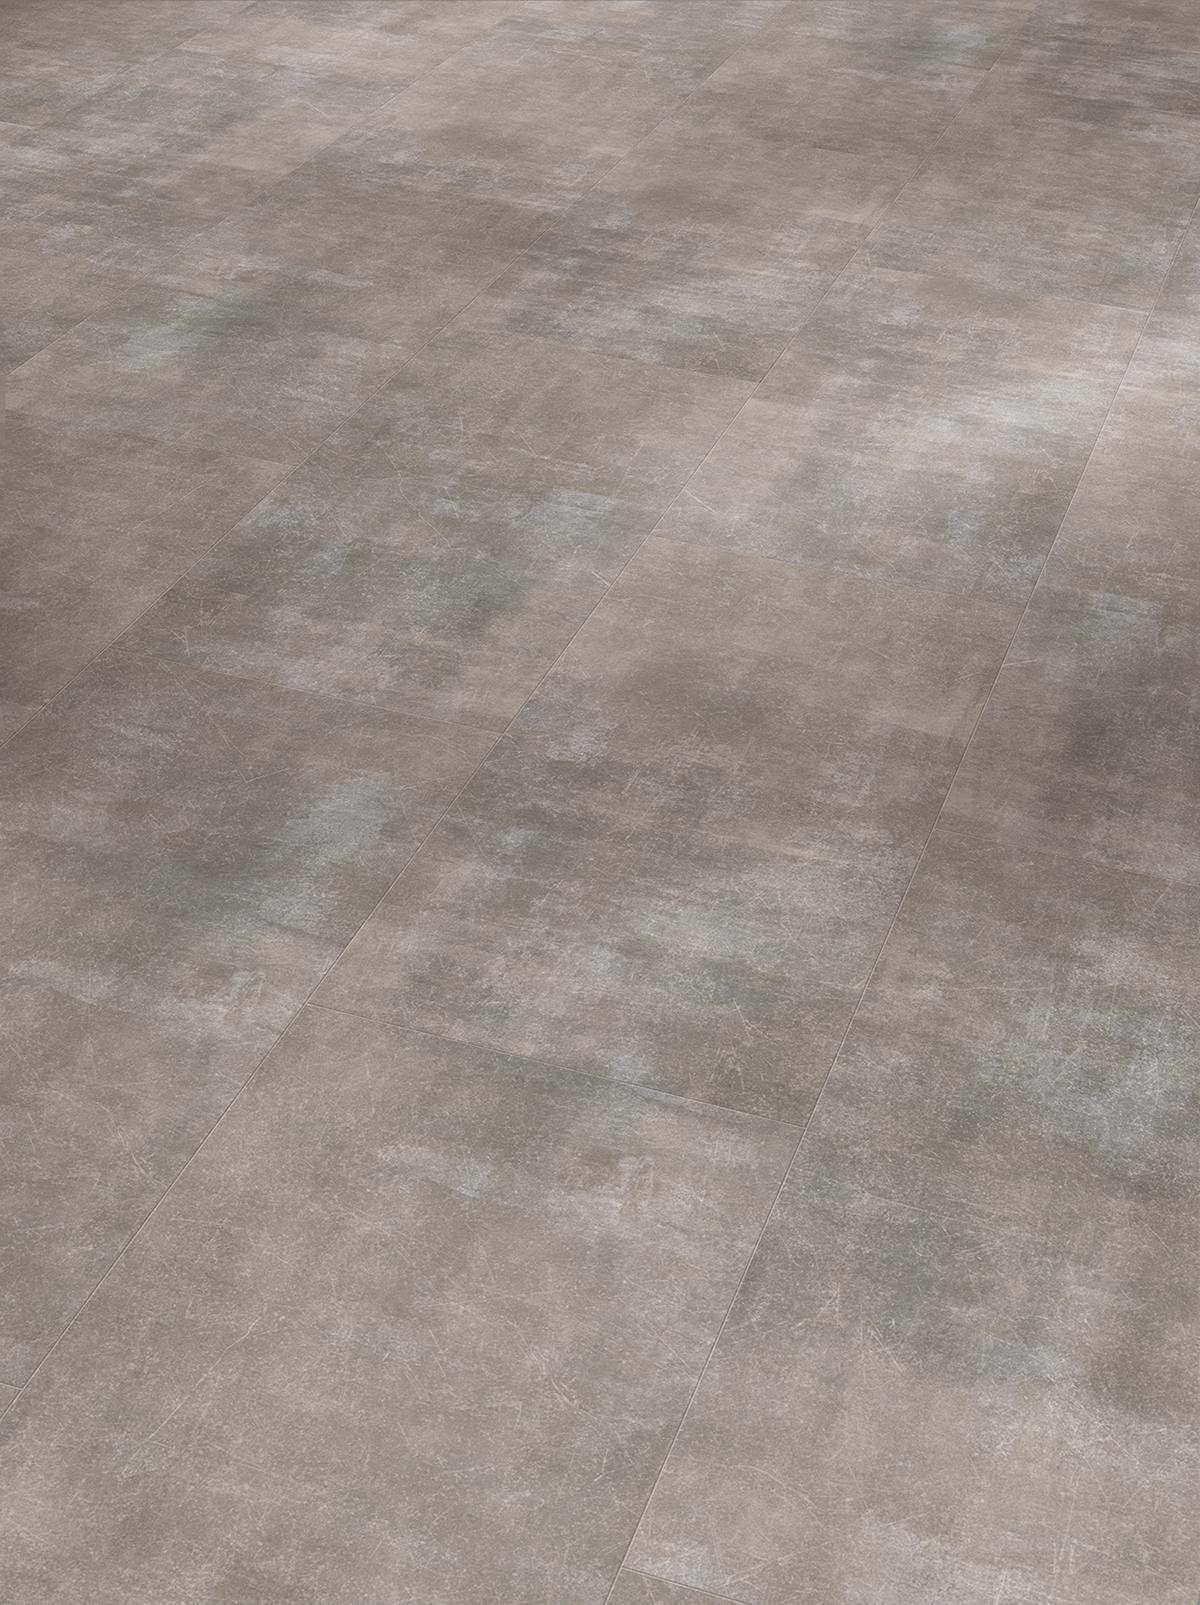 vinylboden kleben steinoptik g nstig sicher kaufen. Black Bedroom Furniture Sets. Home Design Ideas